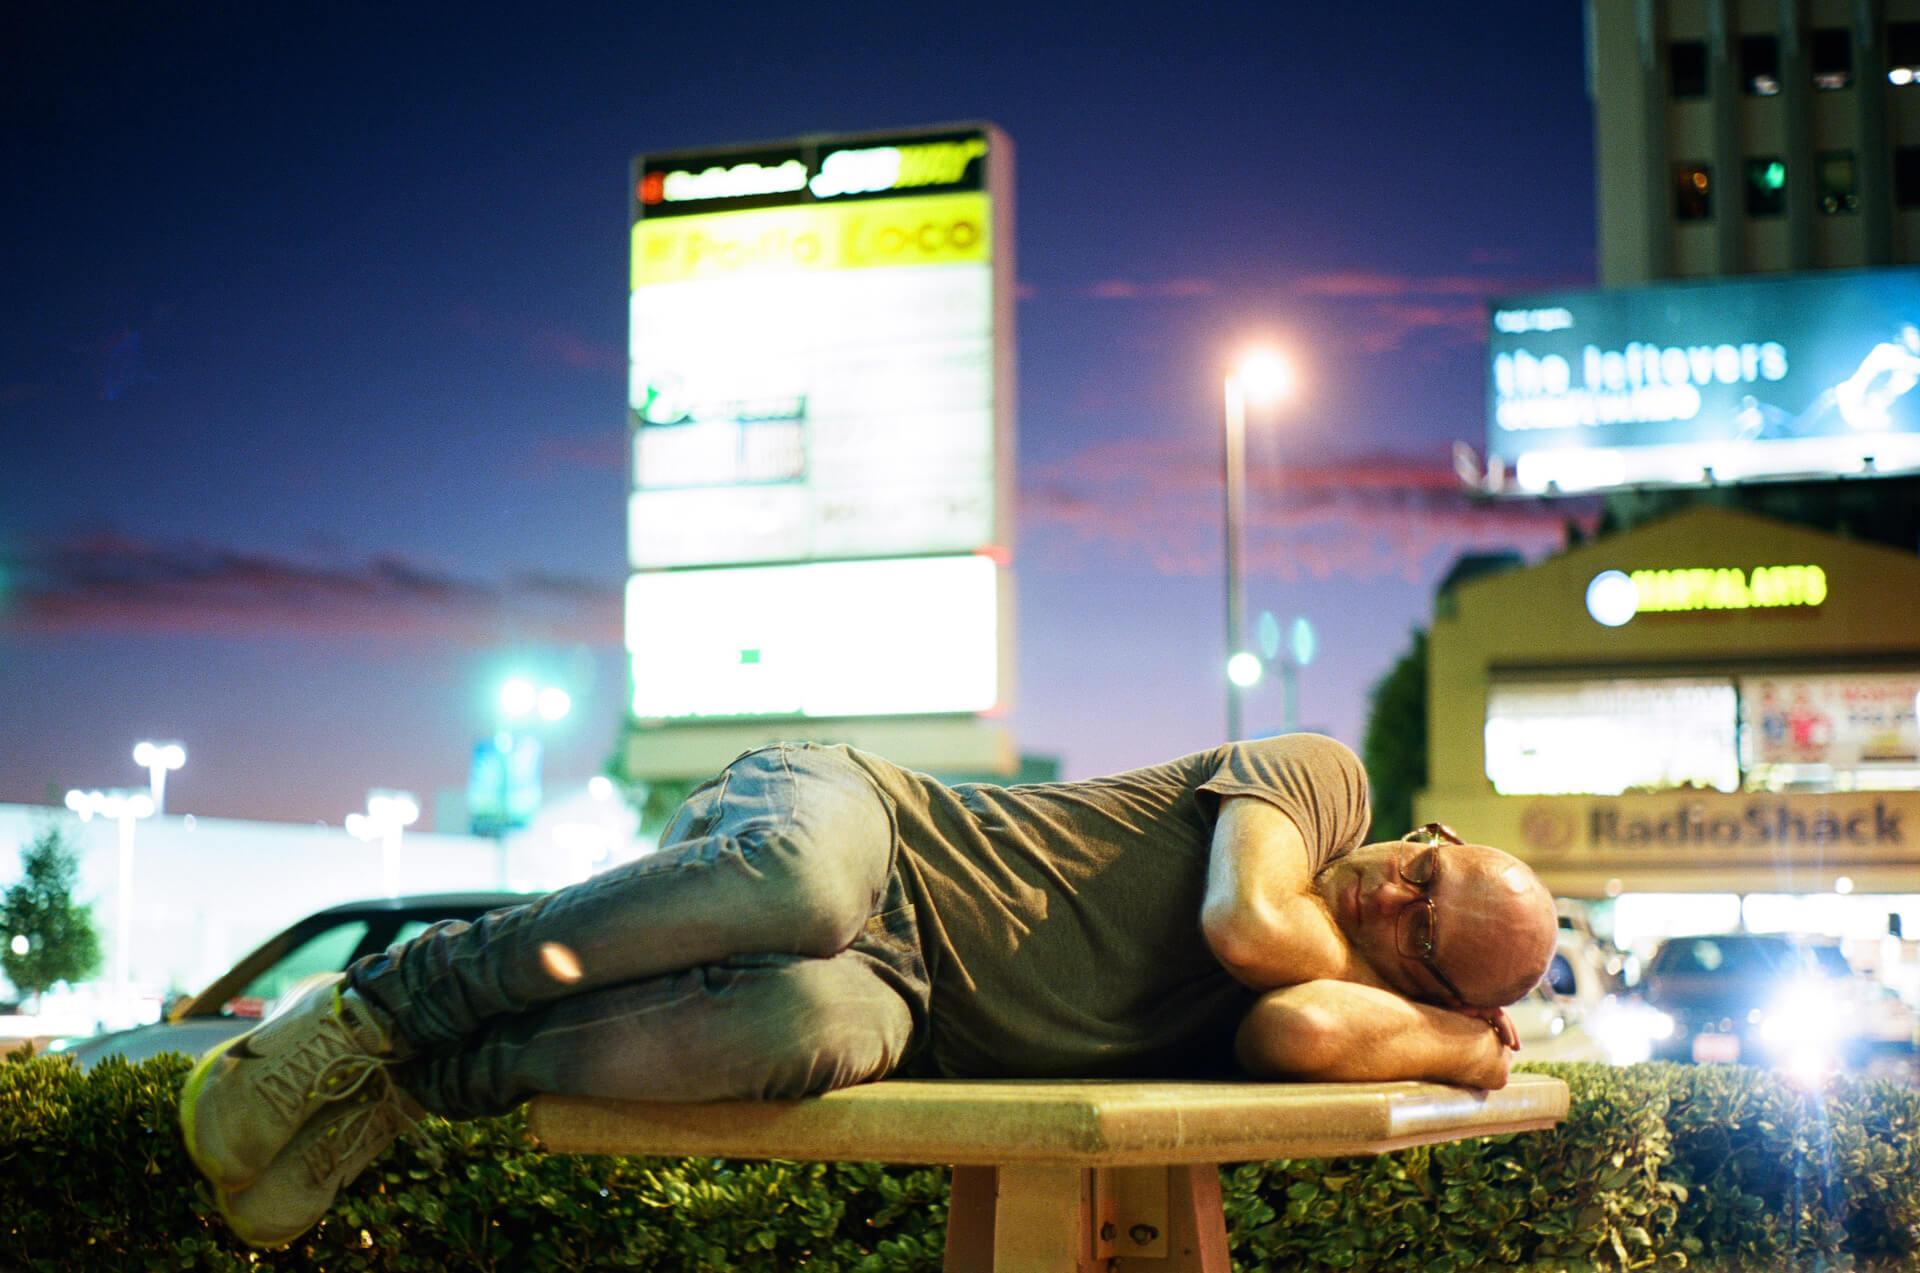 <True Colors Festival>第5弾!シニアが性体験を語る『私がこれまでに体験したセックスのすべて』が日本初上演 sc200115_tcfmammalian_02